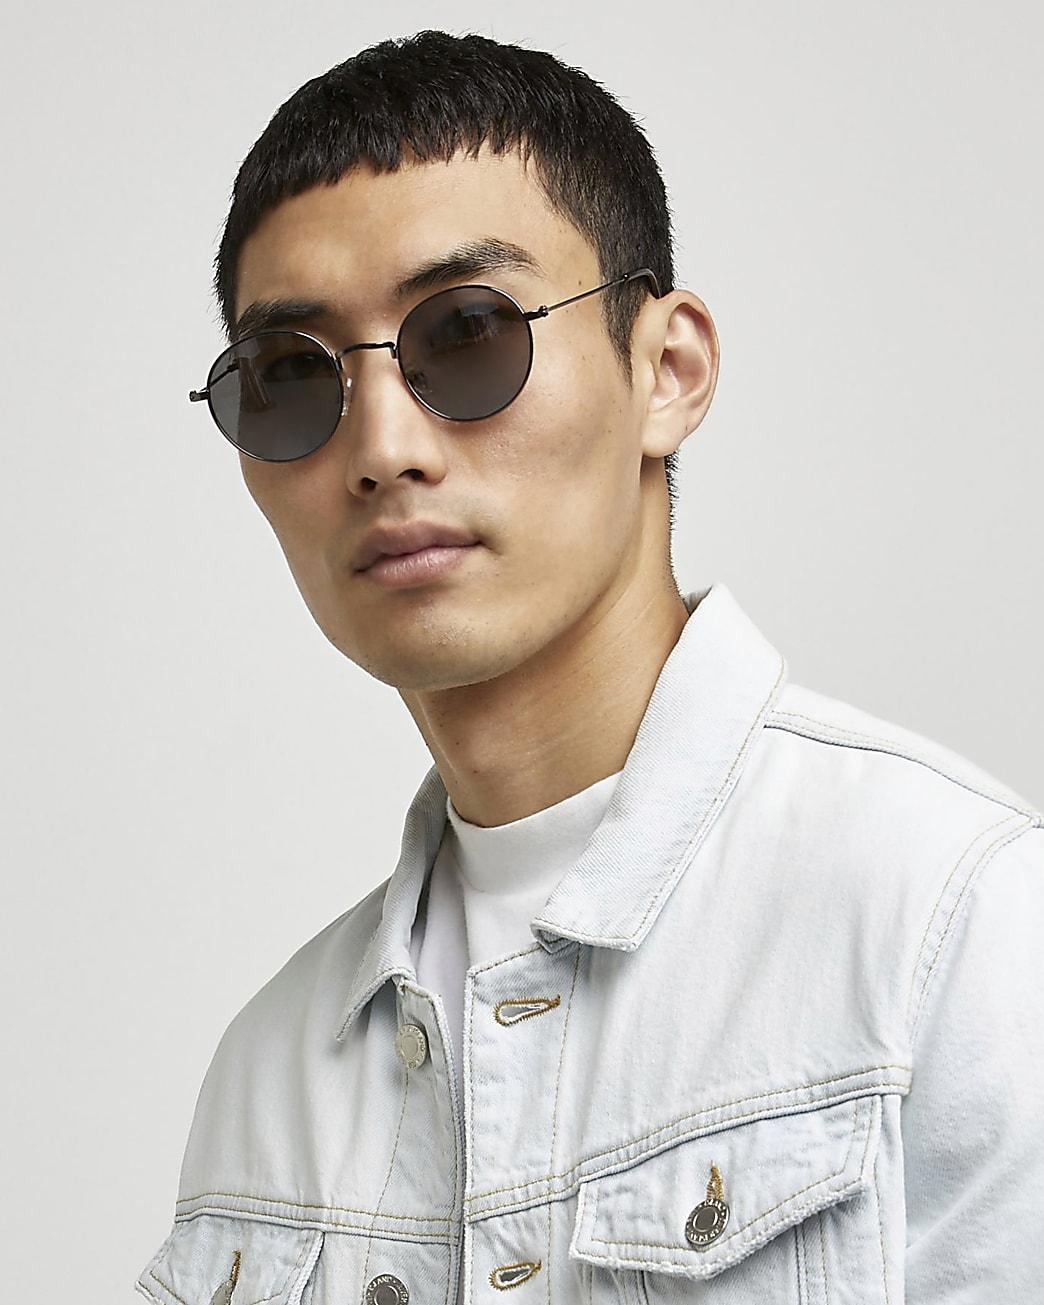 Silver mirrored round sunglasses